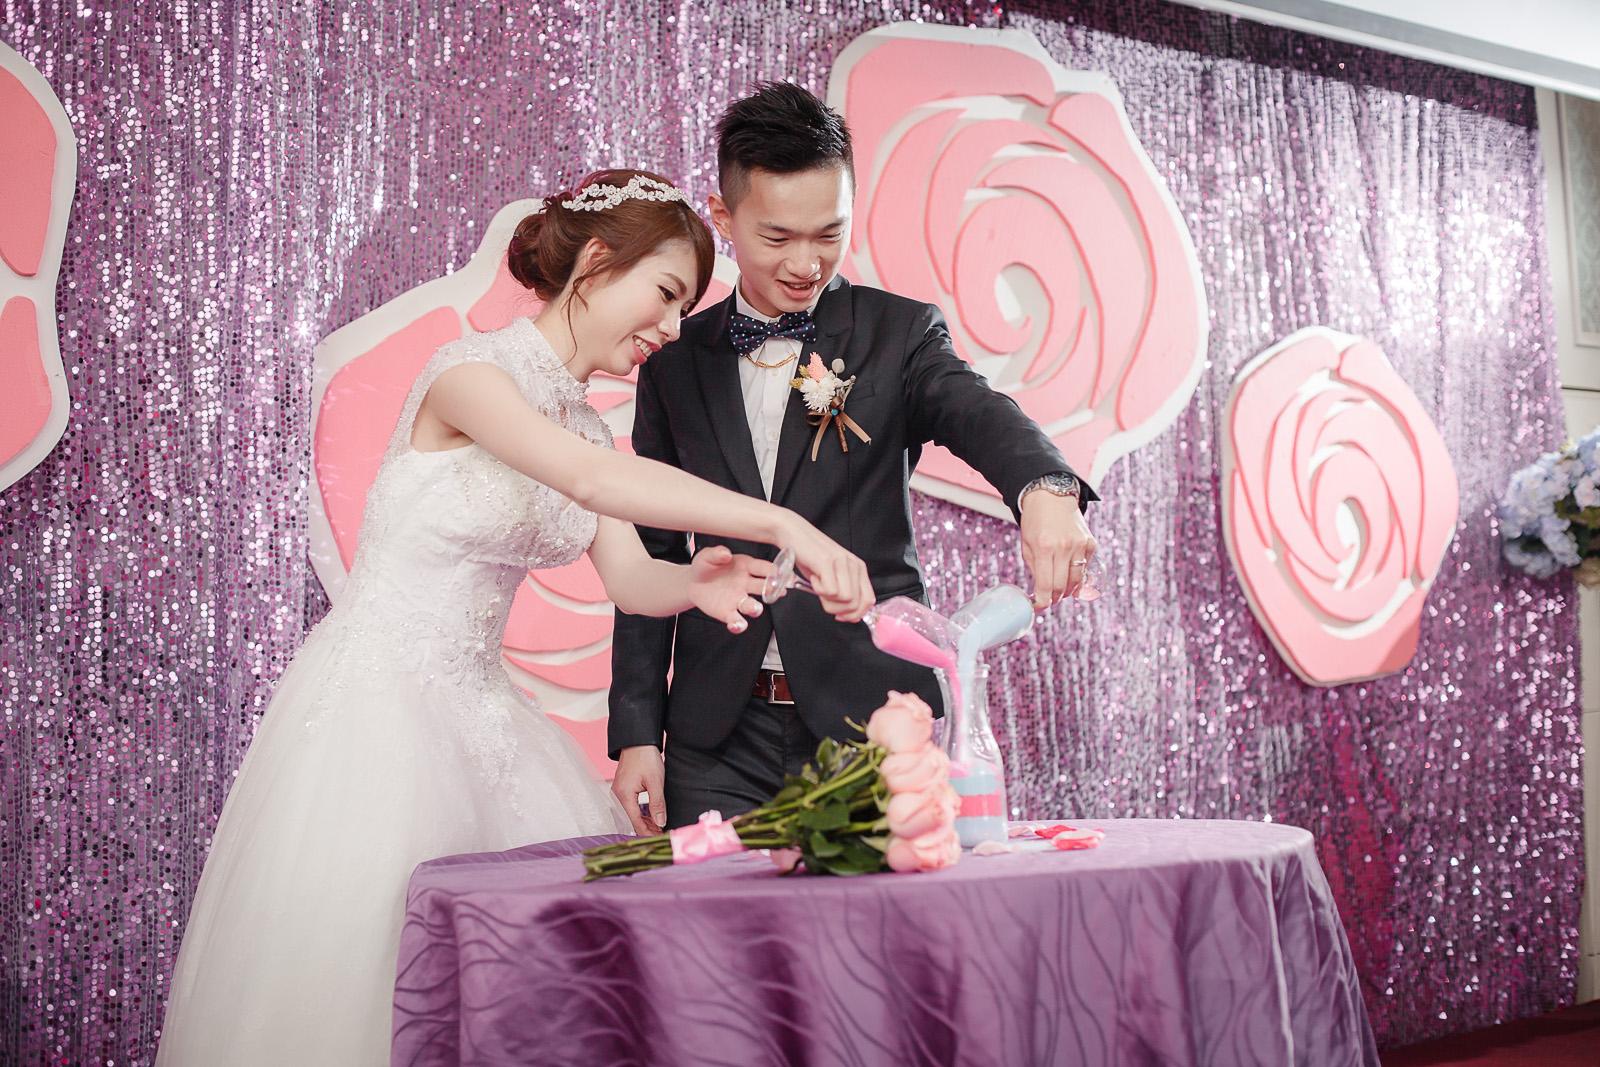 高雄圓山飯店,婚禮攝影,婚攝,高雄婚攝,優質婚攝推薦,Jen&Ethan-259